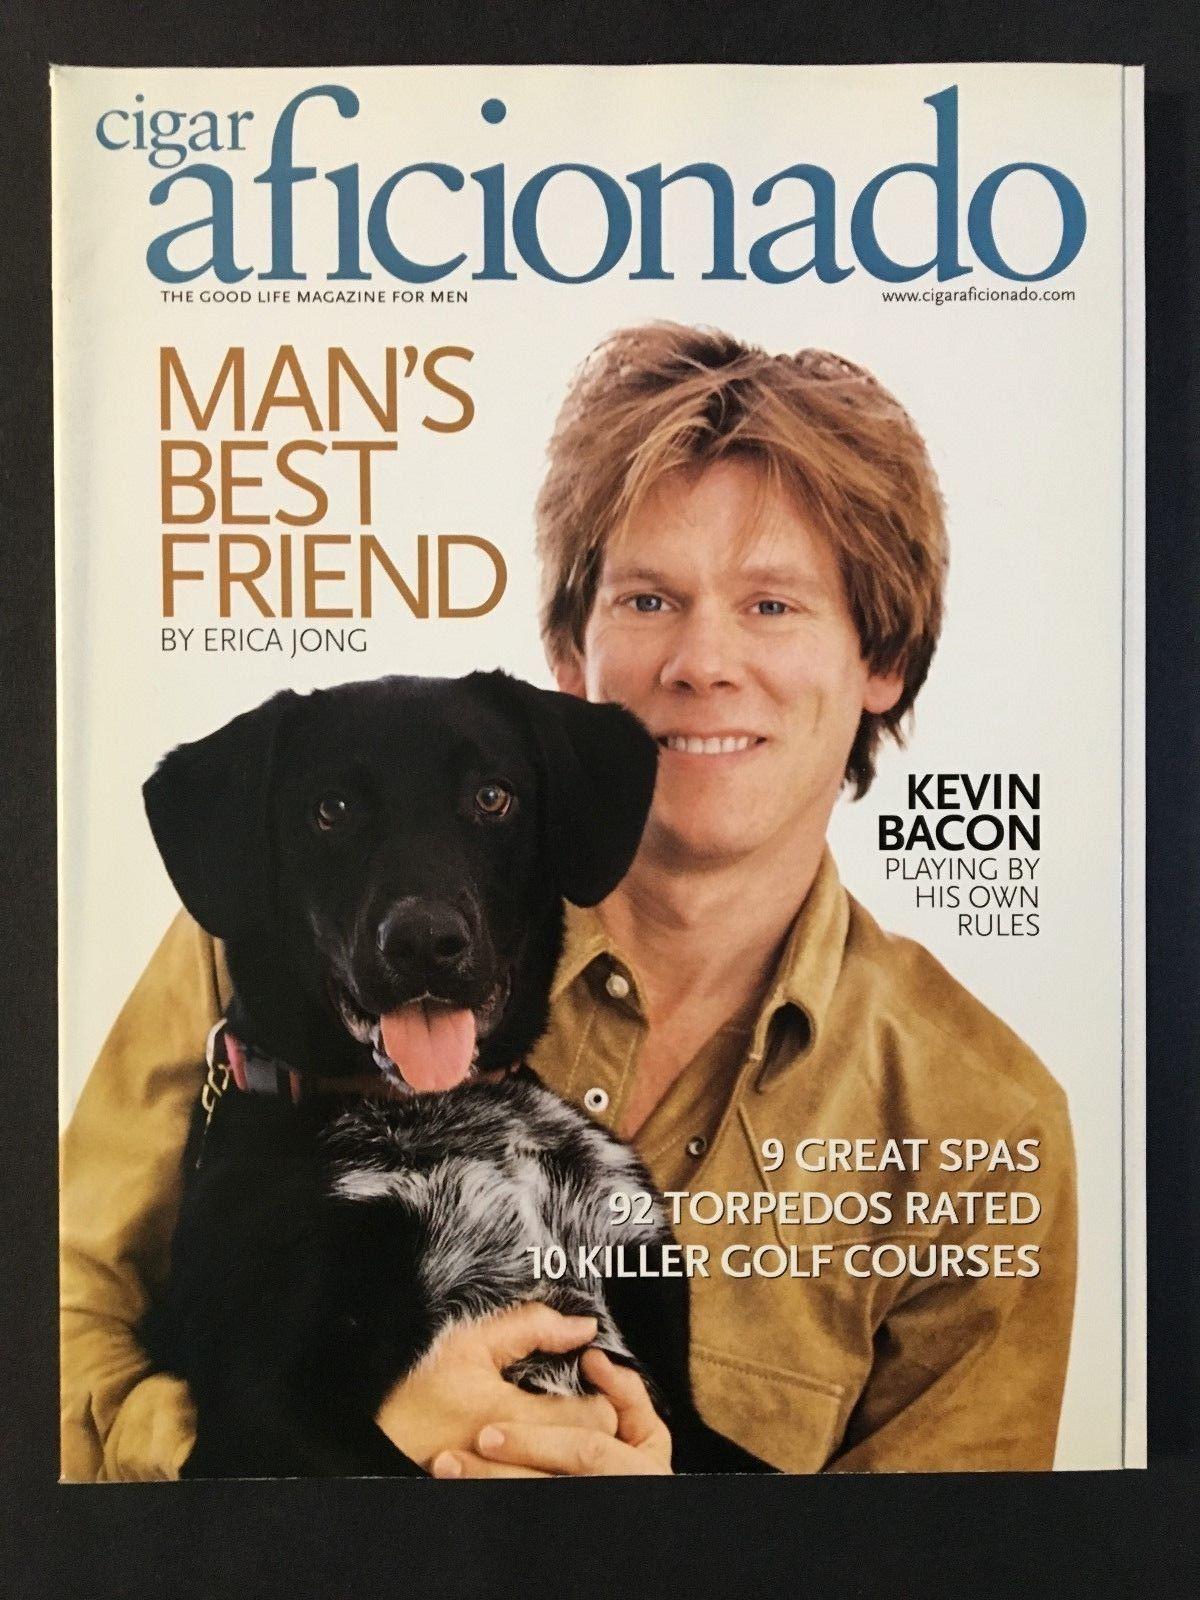 cigar-aficionado-magazine-june-2000-kevin-bacon.jpg